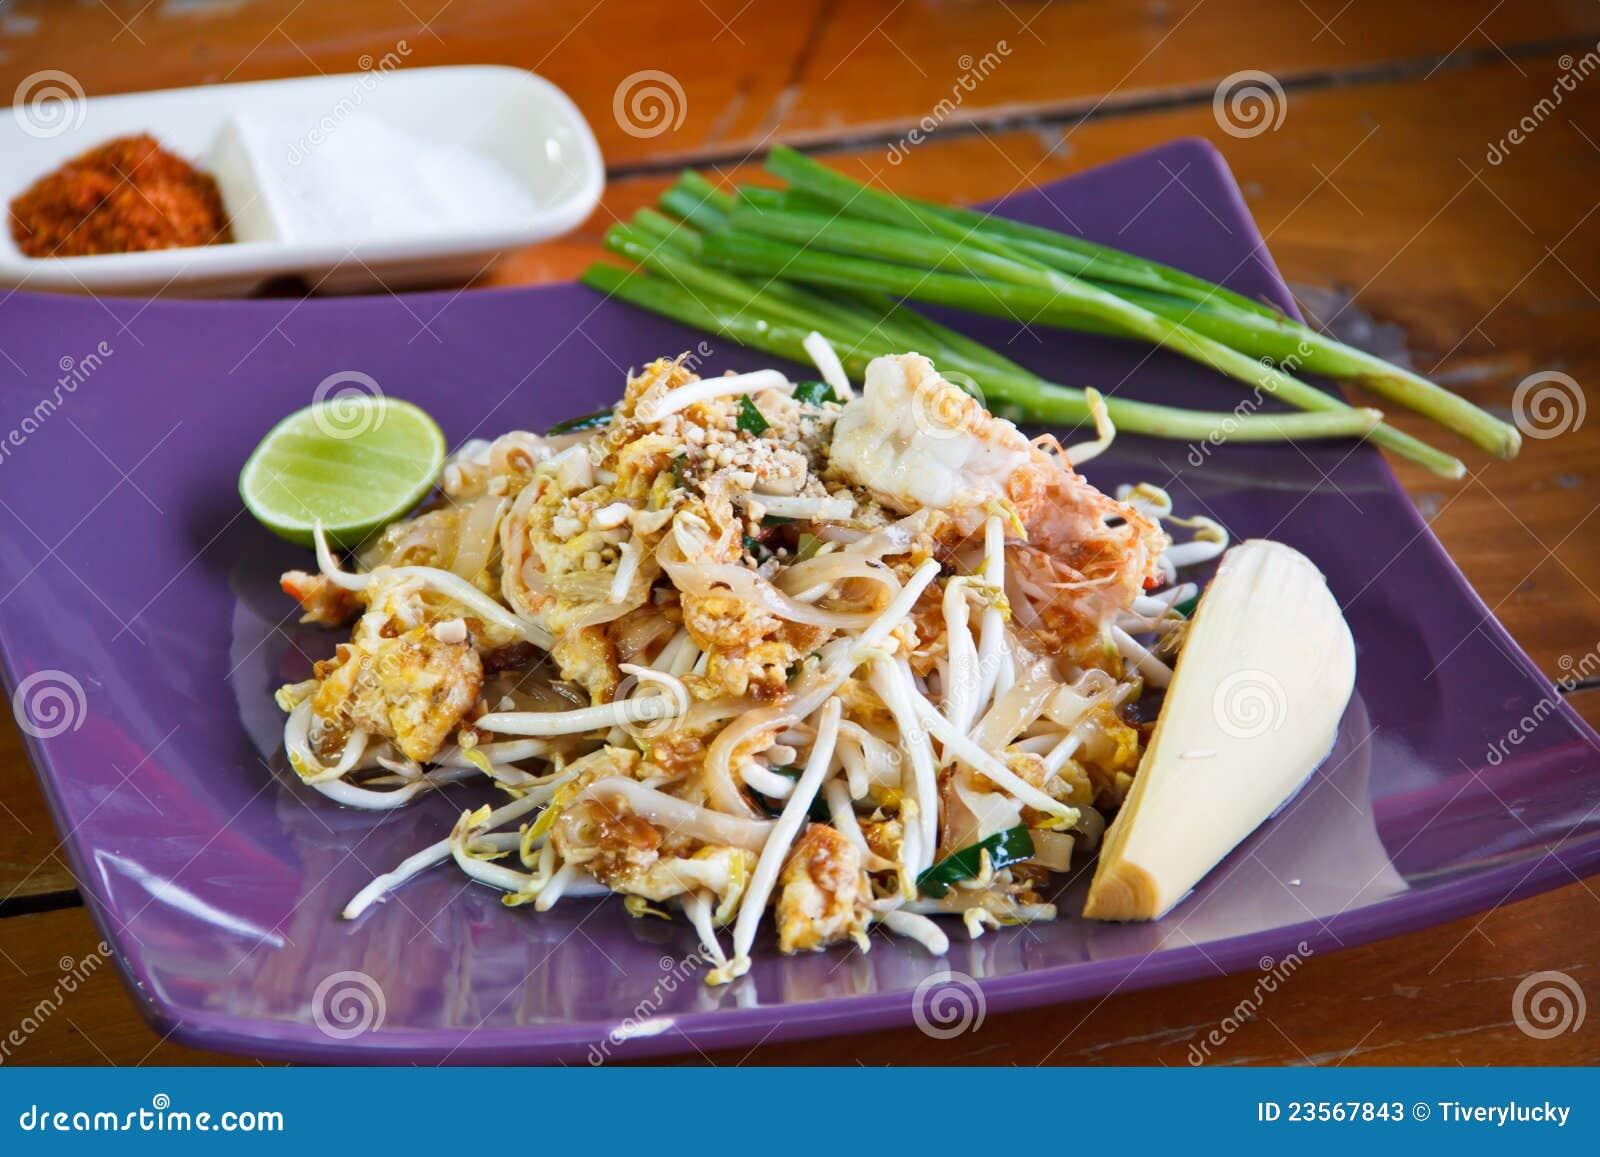 pad thai intim date